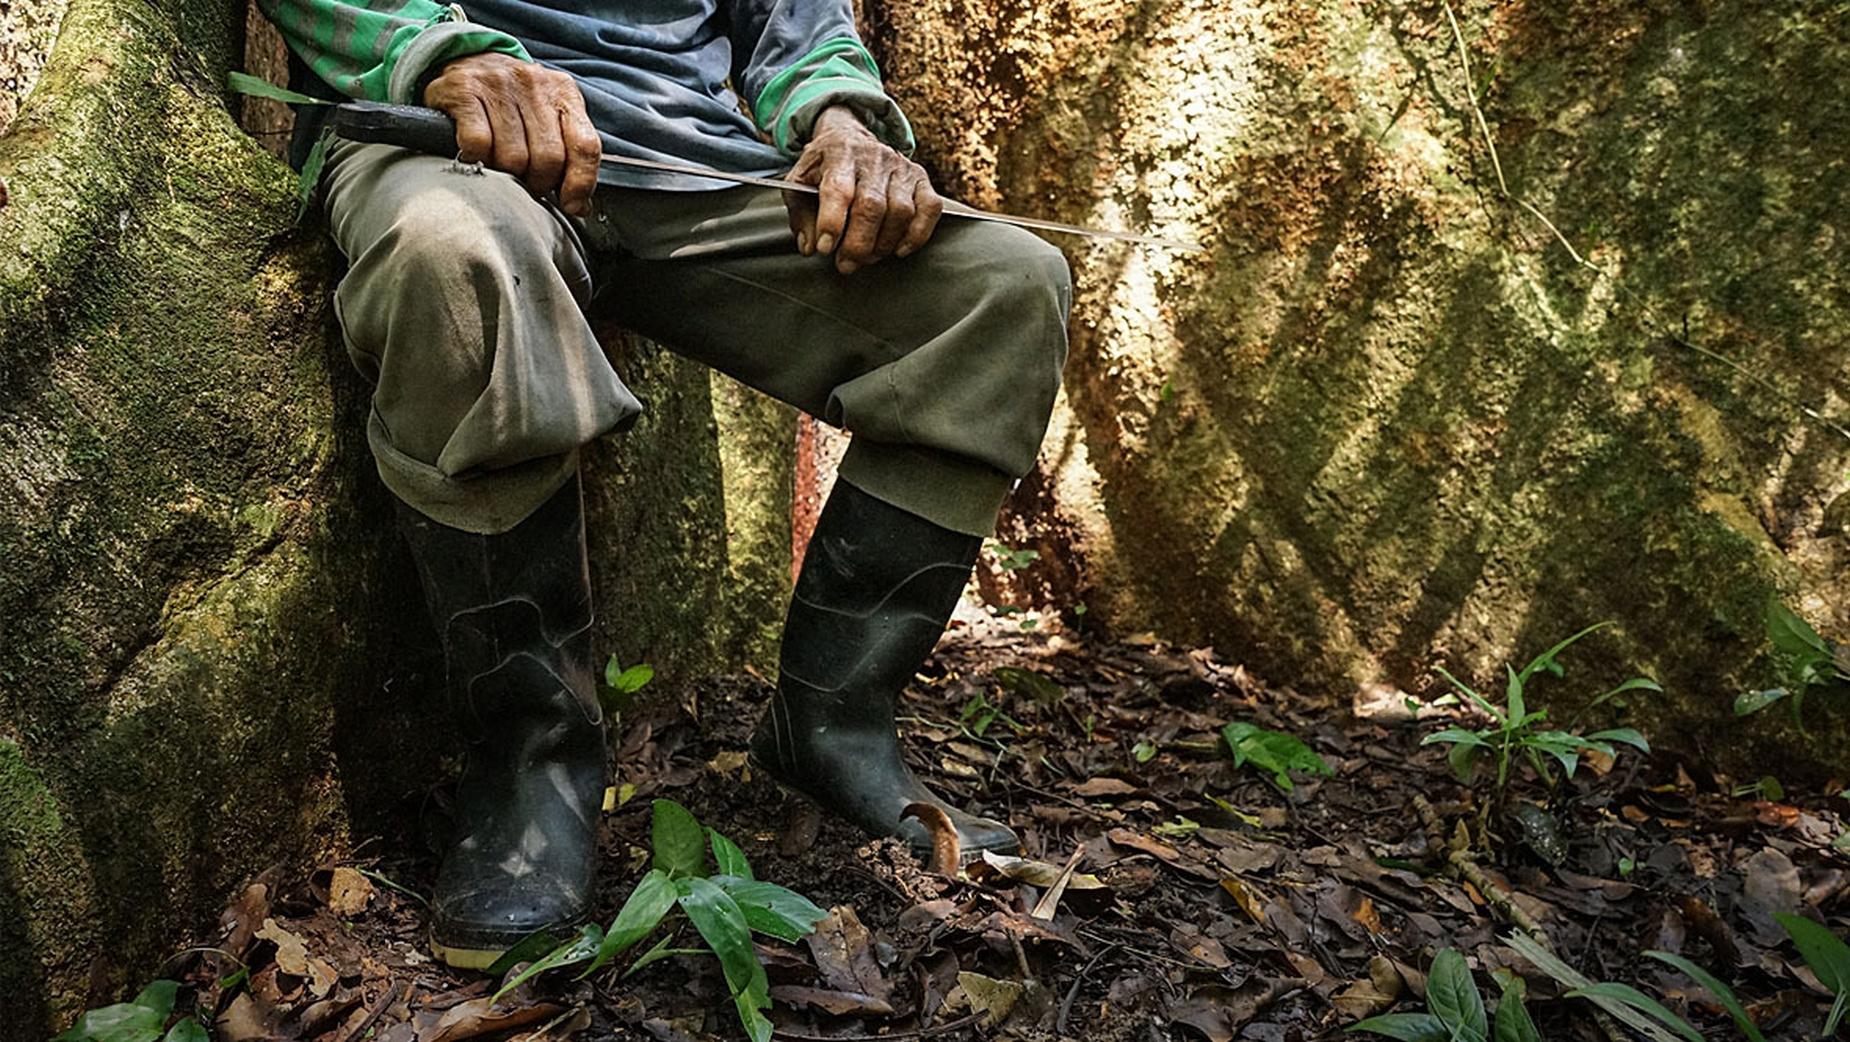 Países amazónicos: 98 líderes ambientales fueron asesinados el 2019 | Ojo Público